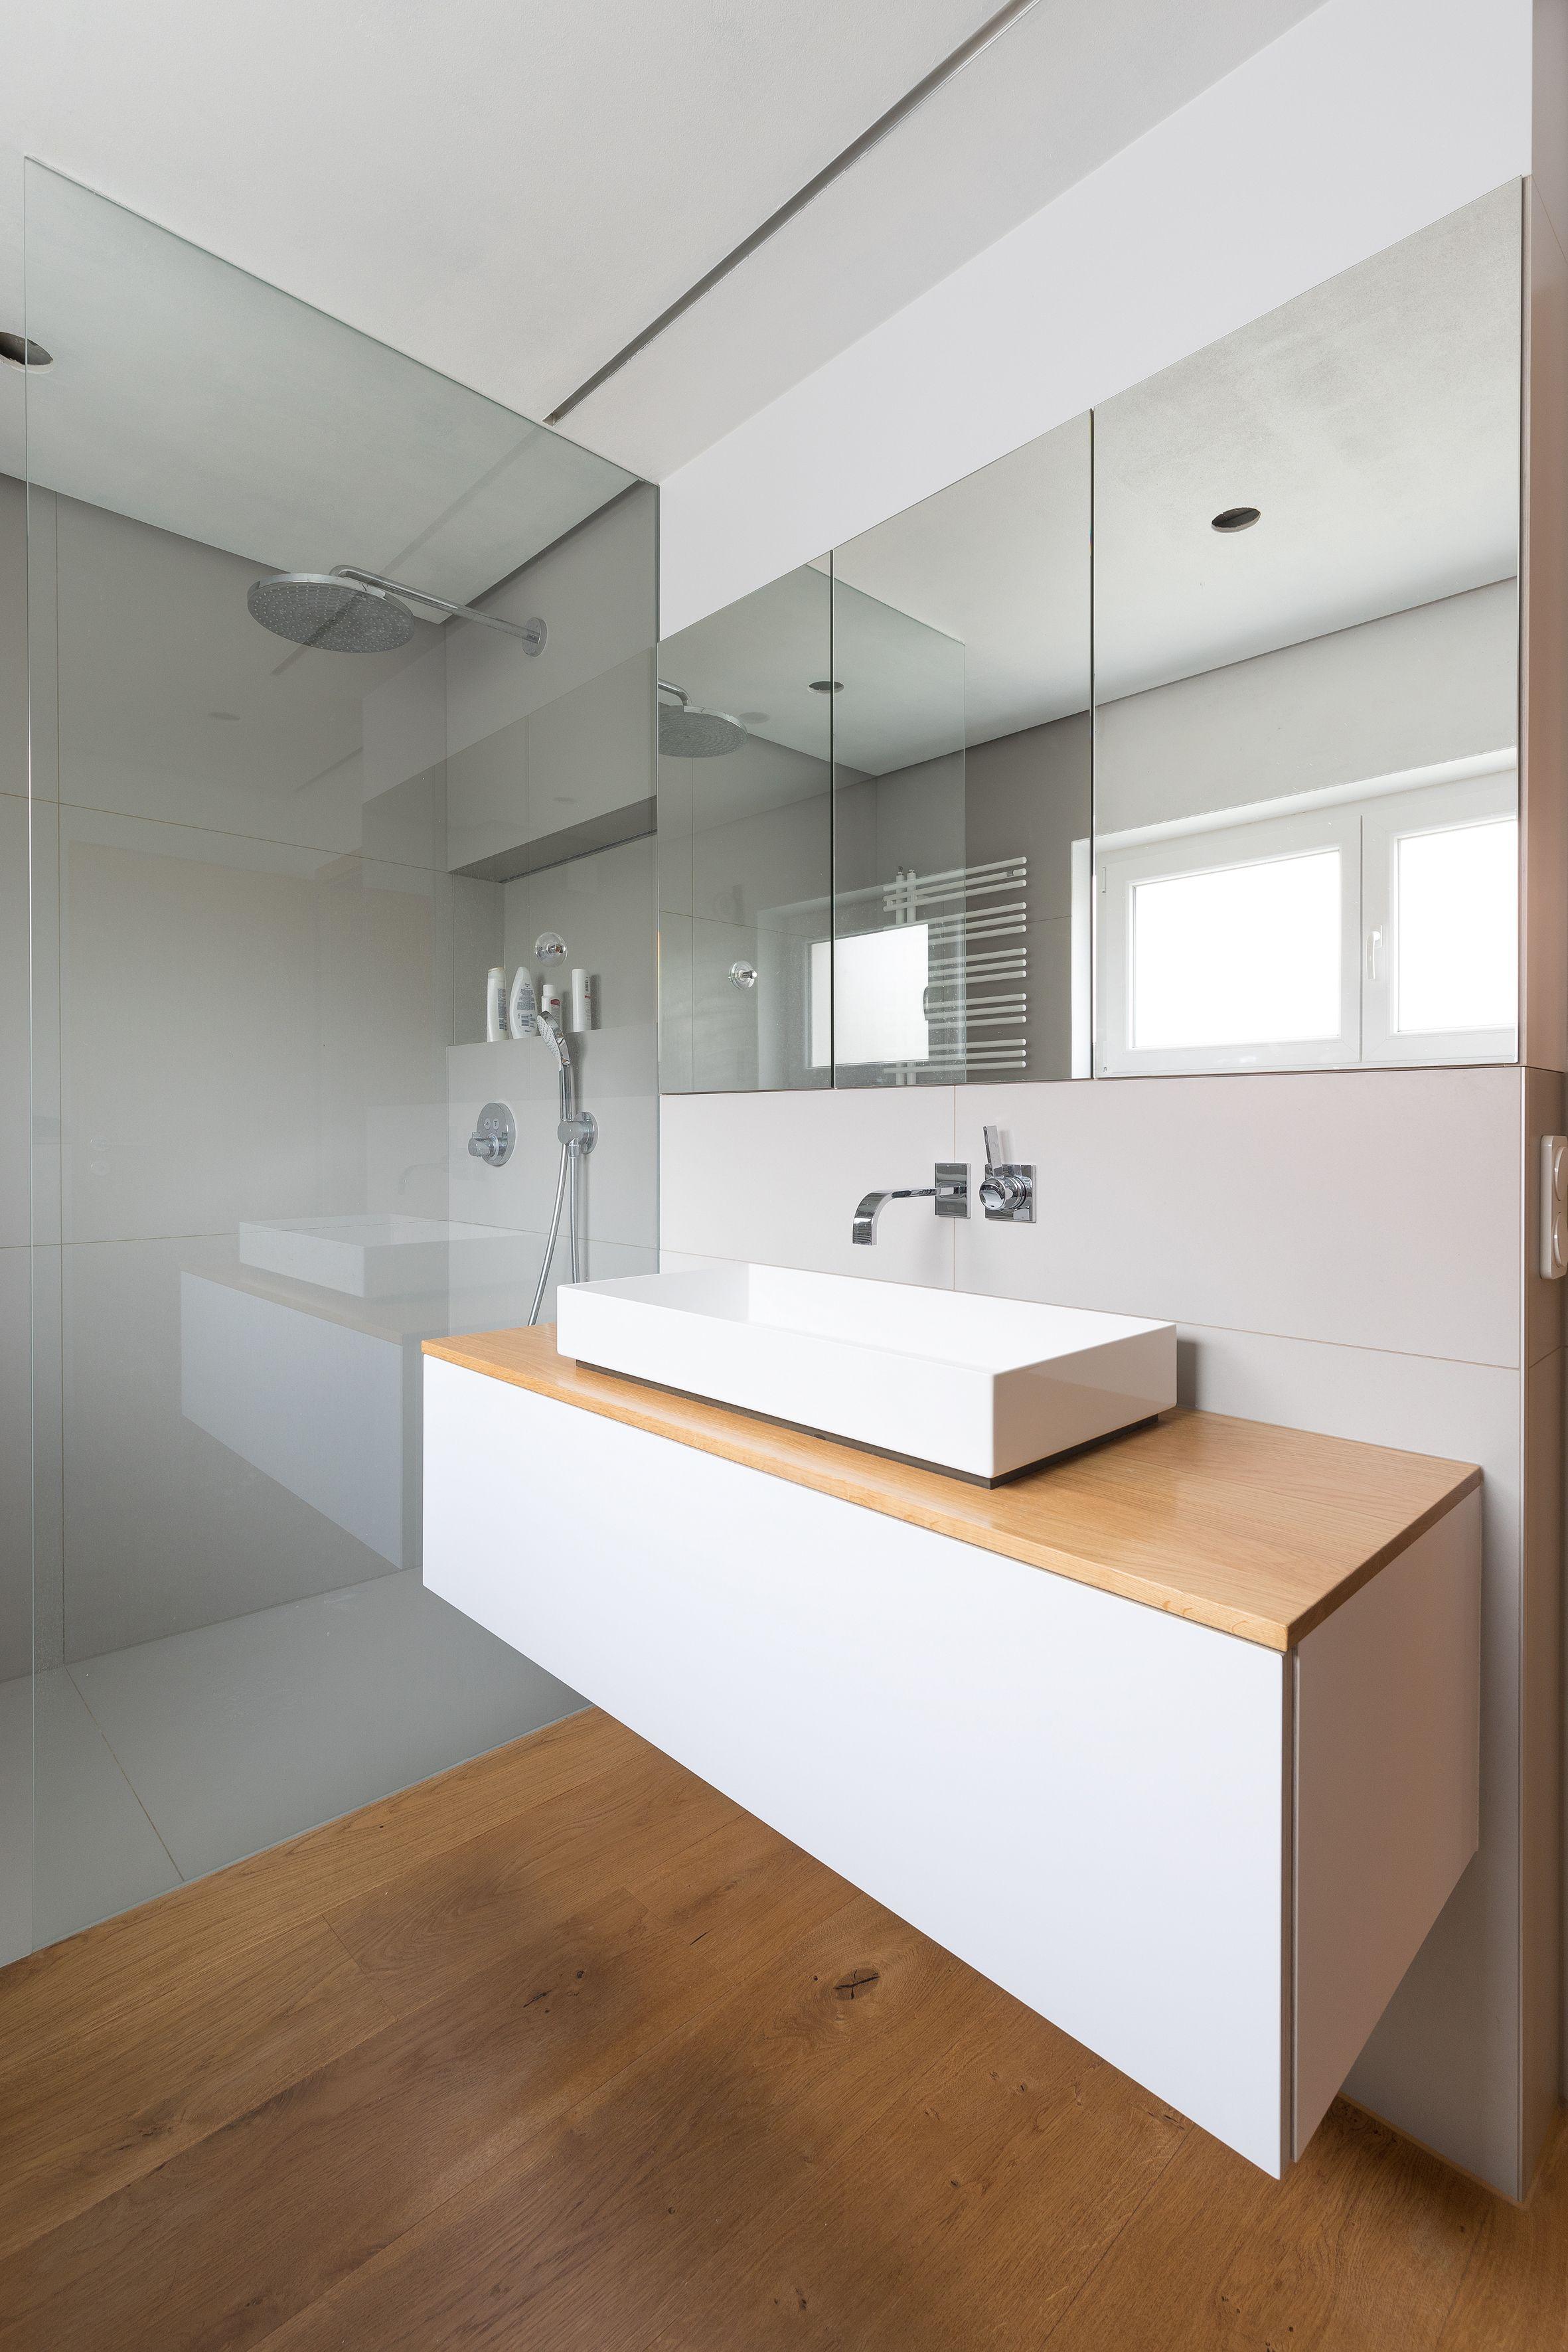 Bad Badezimmer Einbauschrank Badezimmerschrank Schrank Unterschrank Waschbeckenunterschrank Badezimmer Unterschrank Einbauschrank Unterschrank Bad